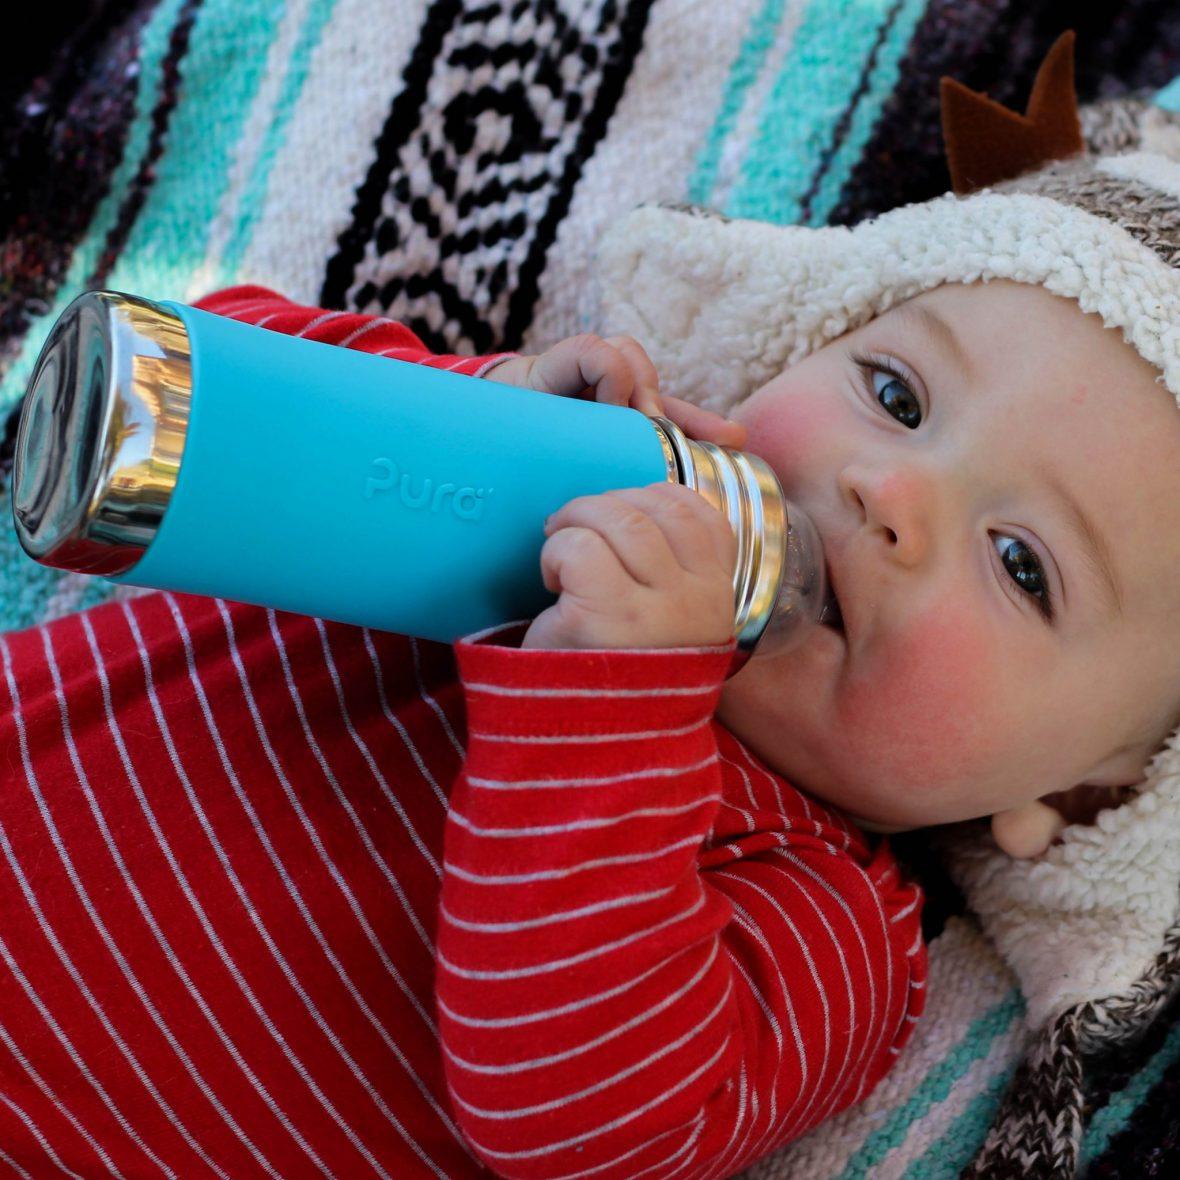 Infant Bottle1